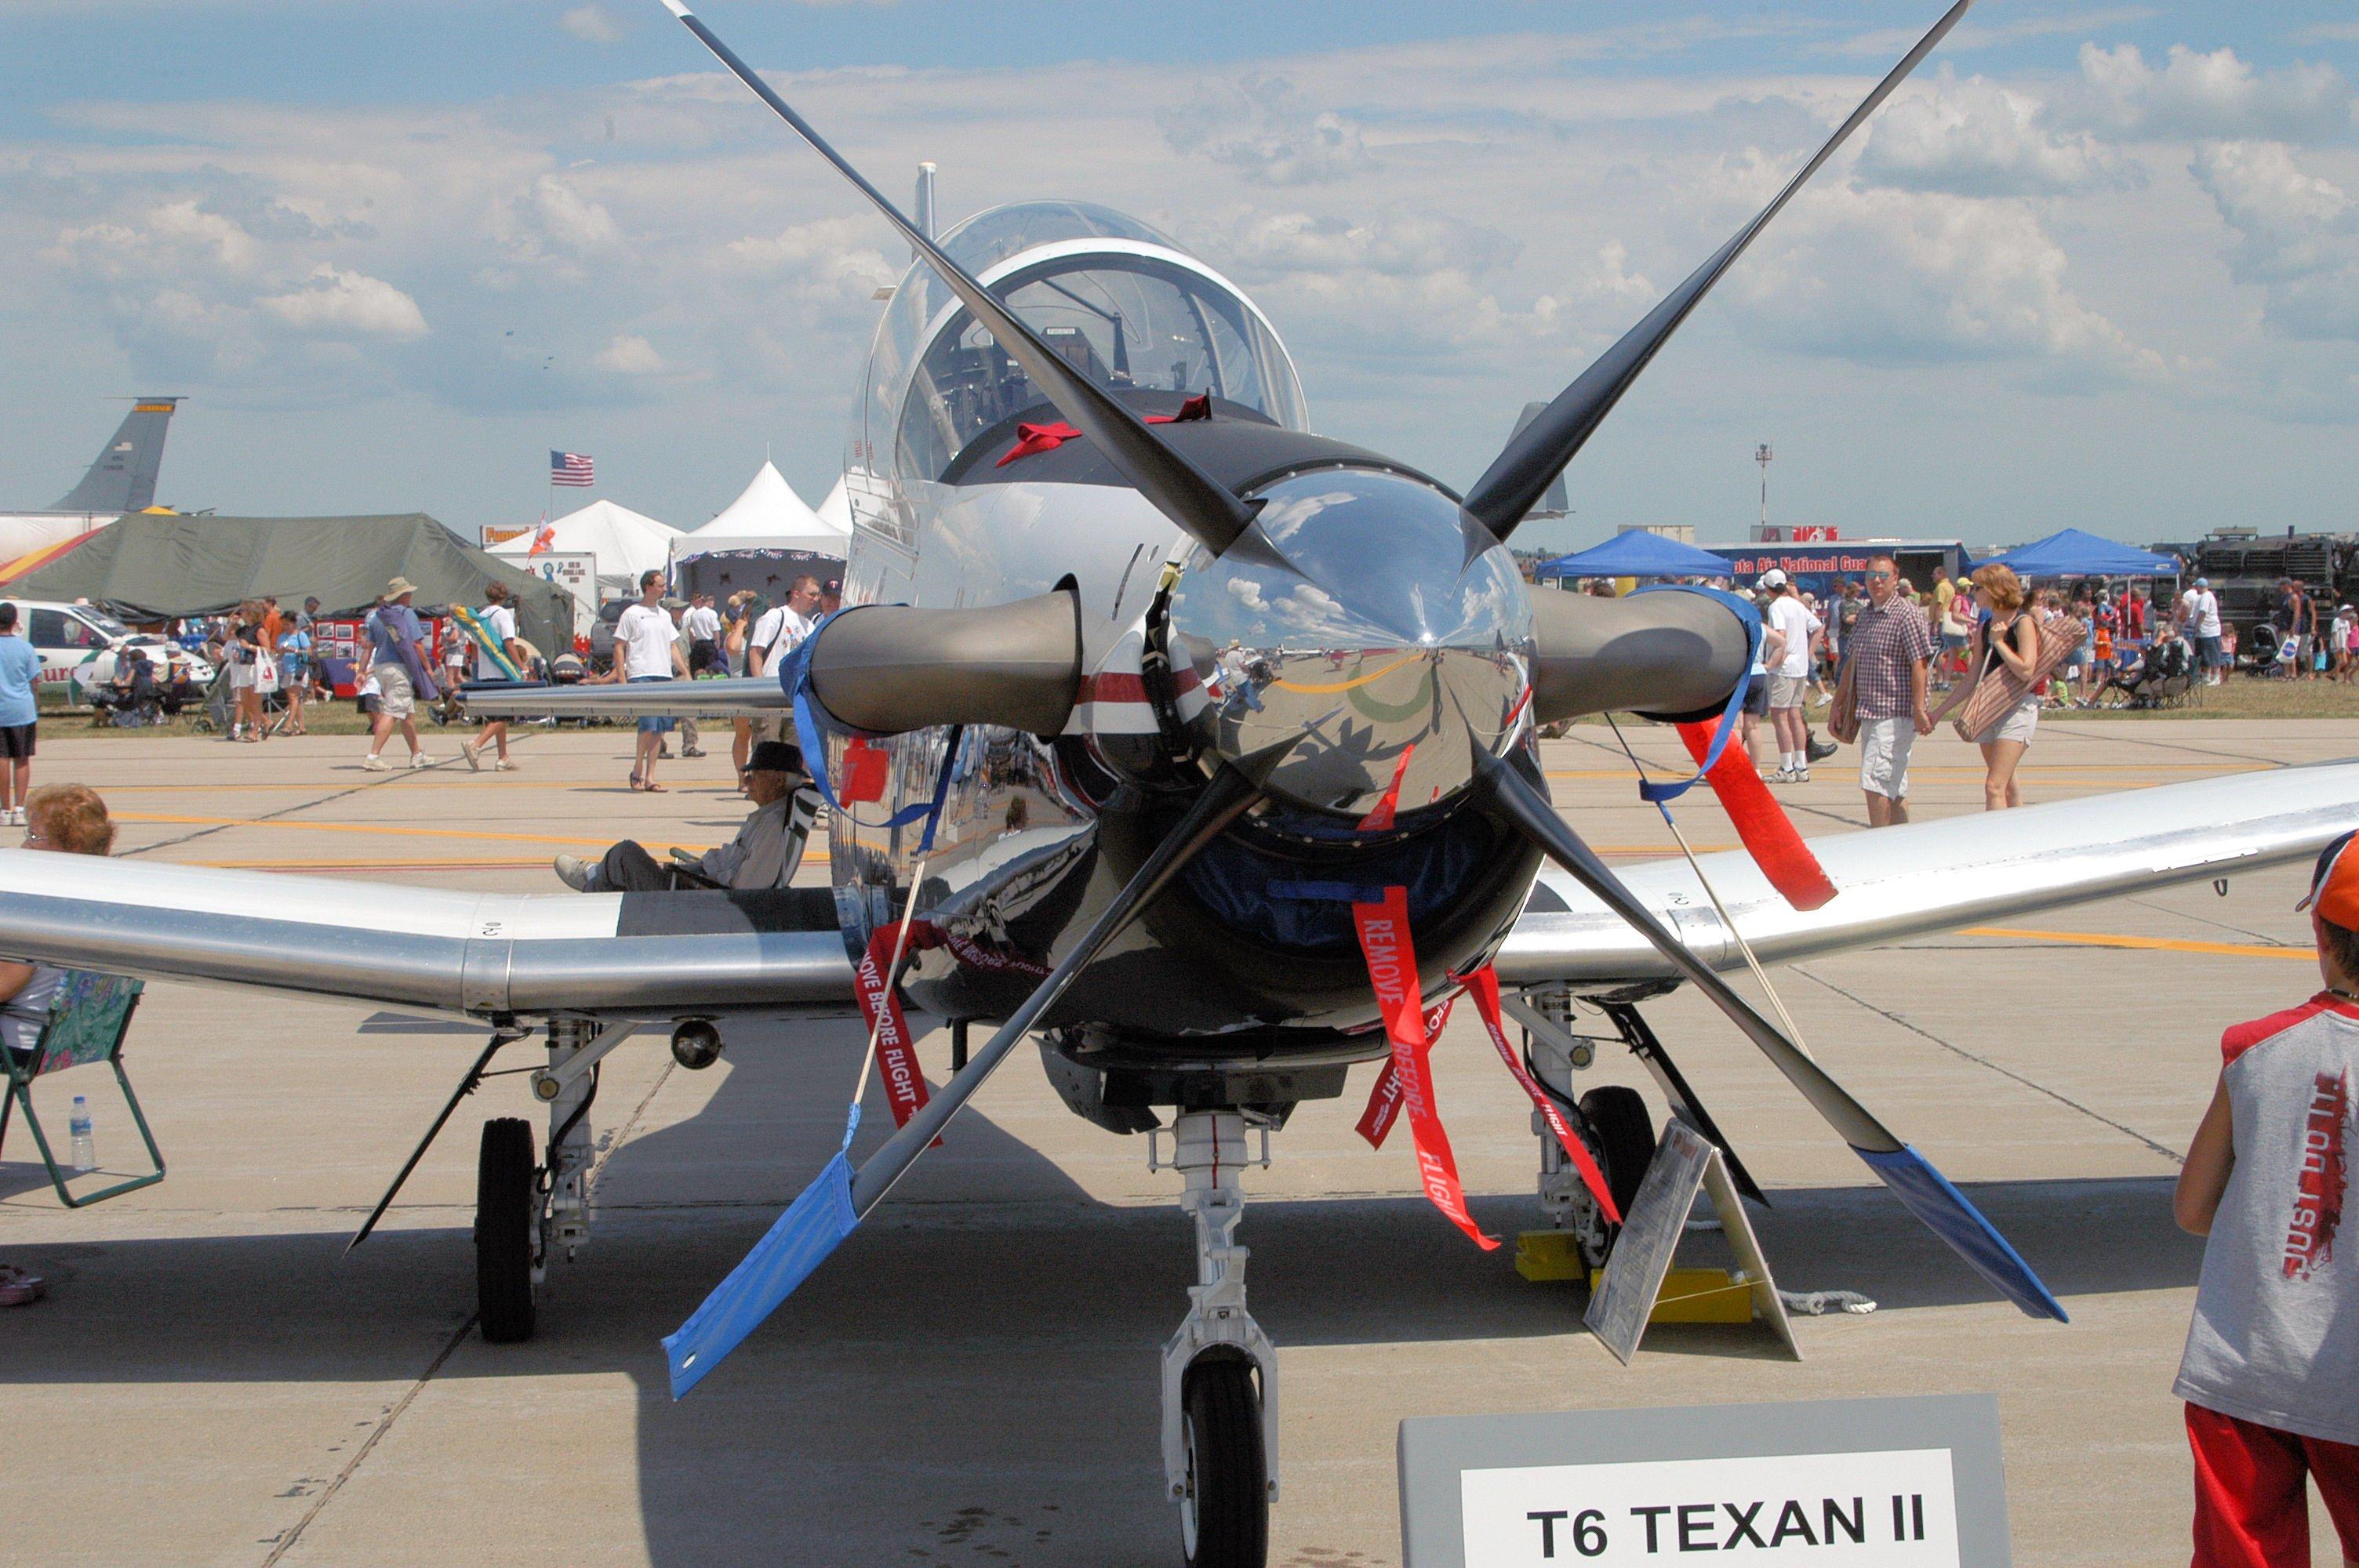 T6 Texan Ii